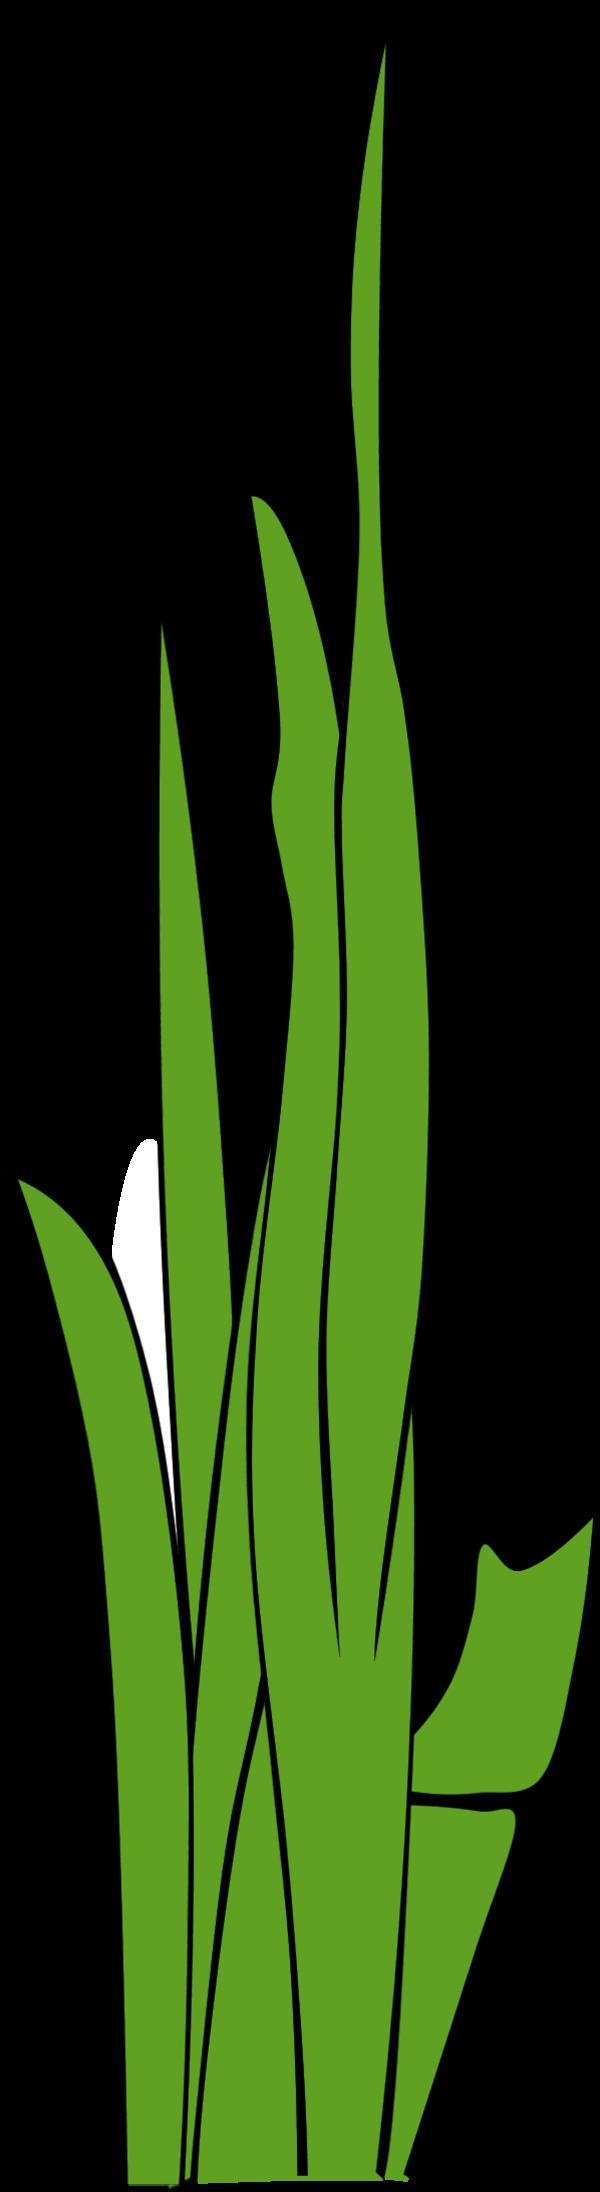 blade of grass vector - photo #4